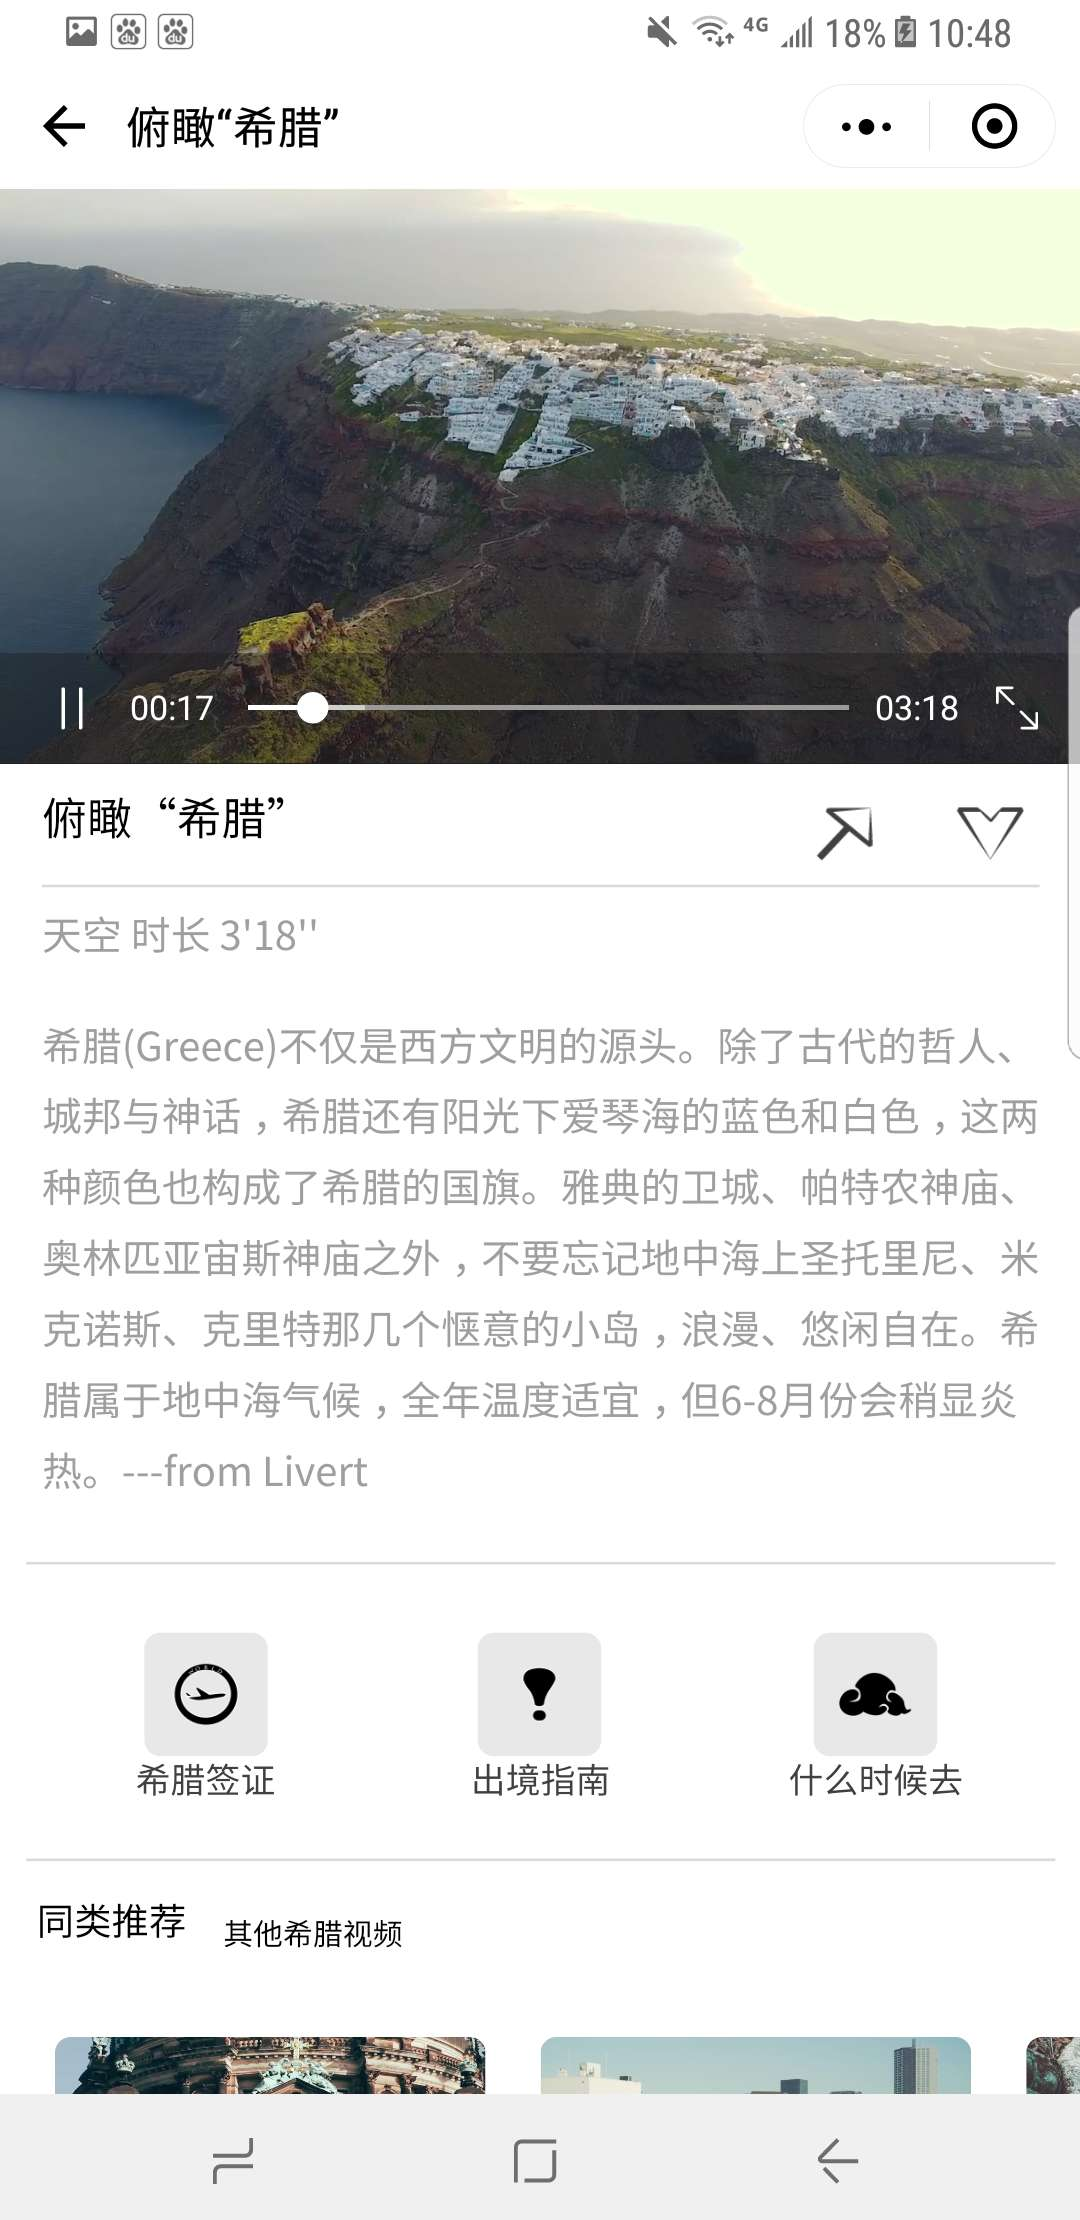 壹角旅行丨视频攻略小程序截图